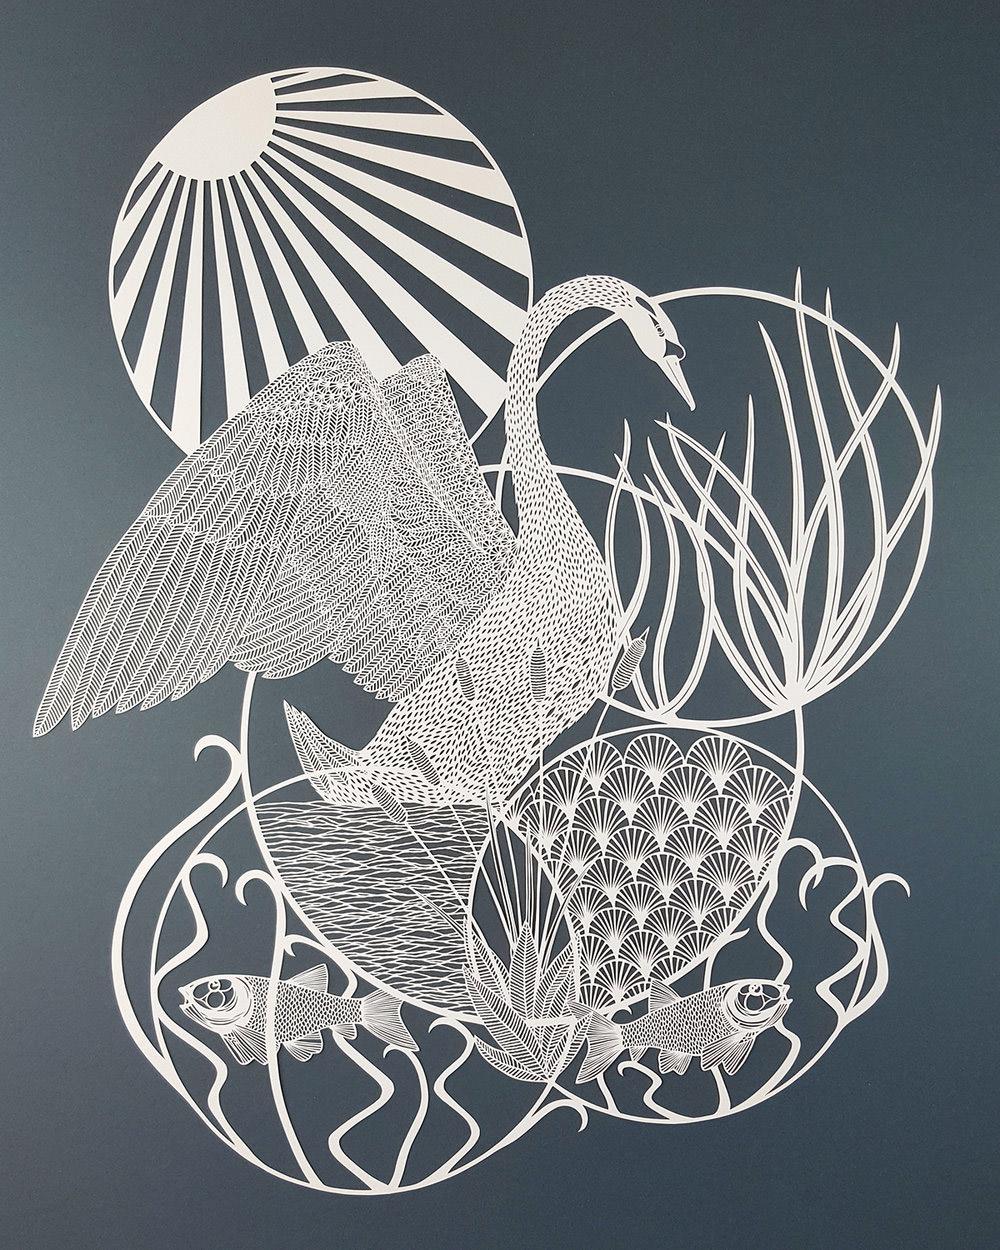 Pippa Dyrlaga创意的剪纸艺术作品